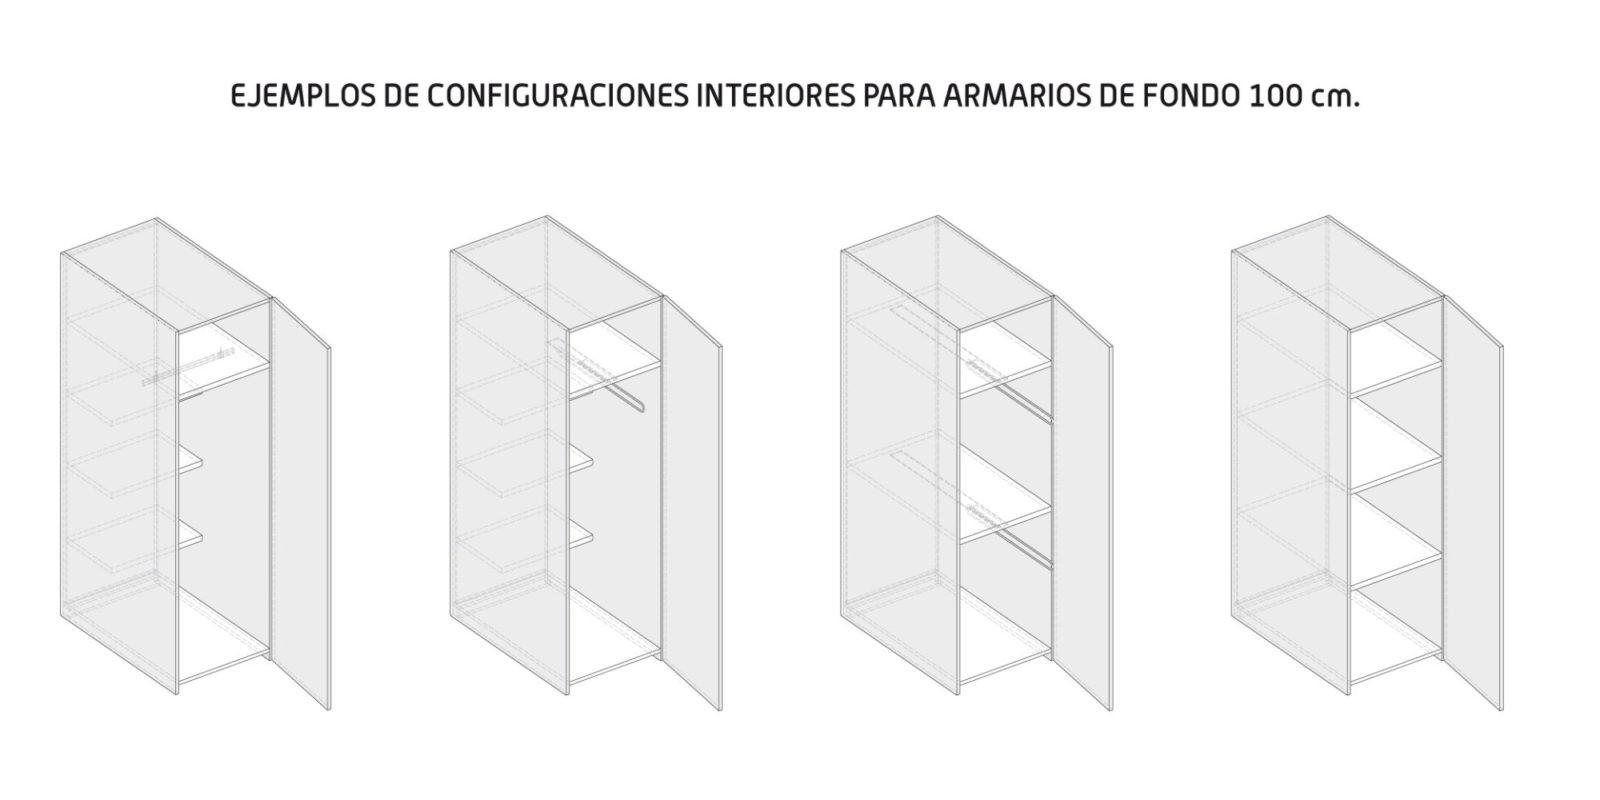 Armarios caracter sticas y soluciones de espacio for Armarios fondo 30 cm